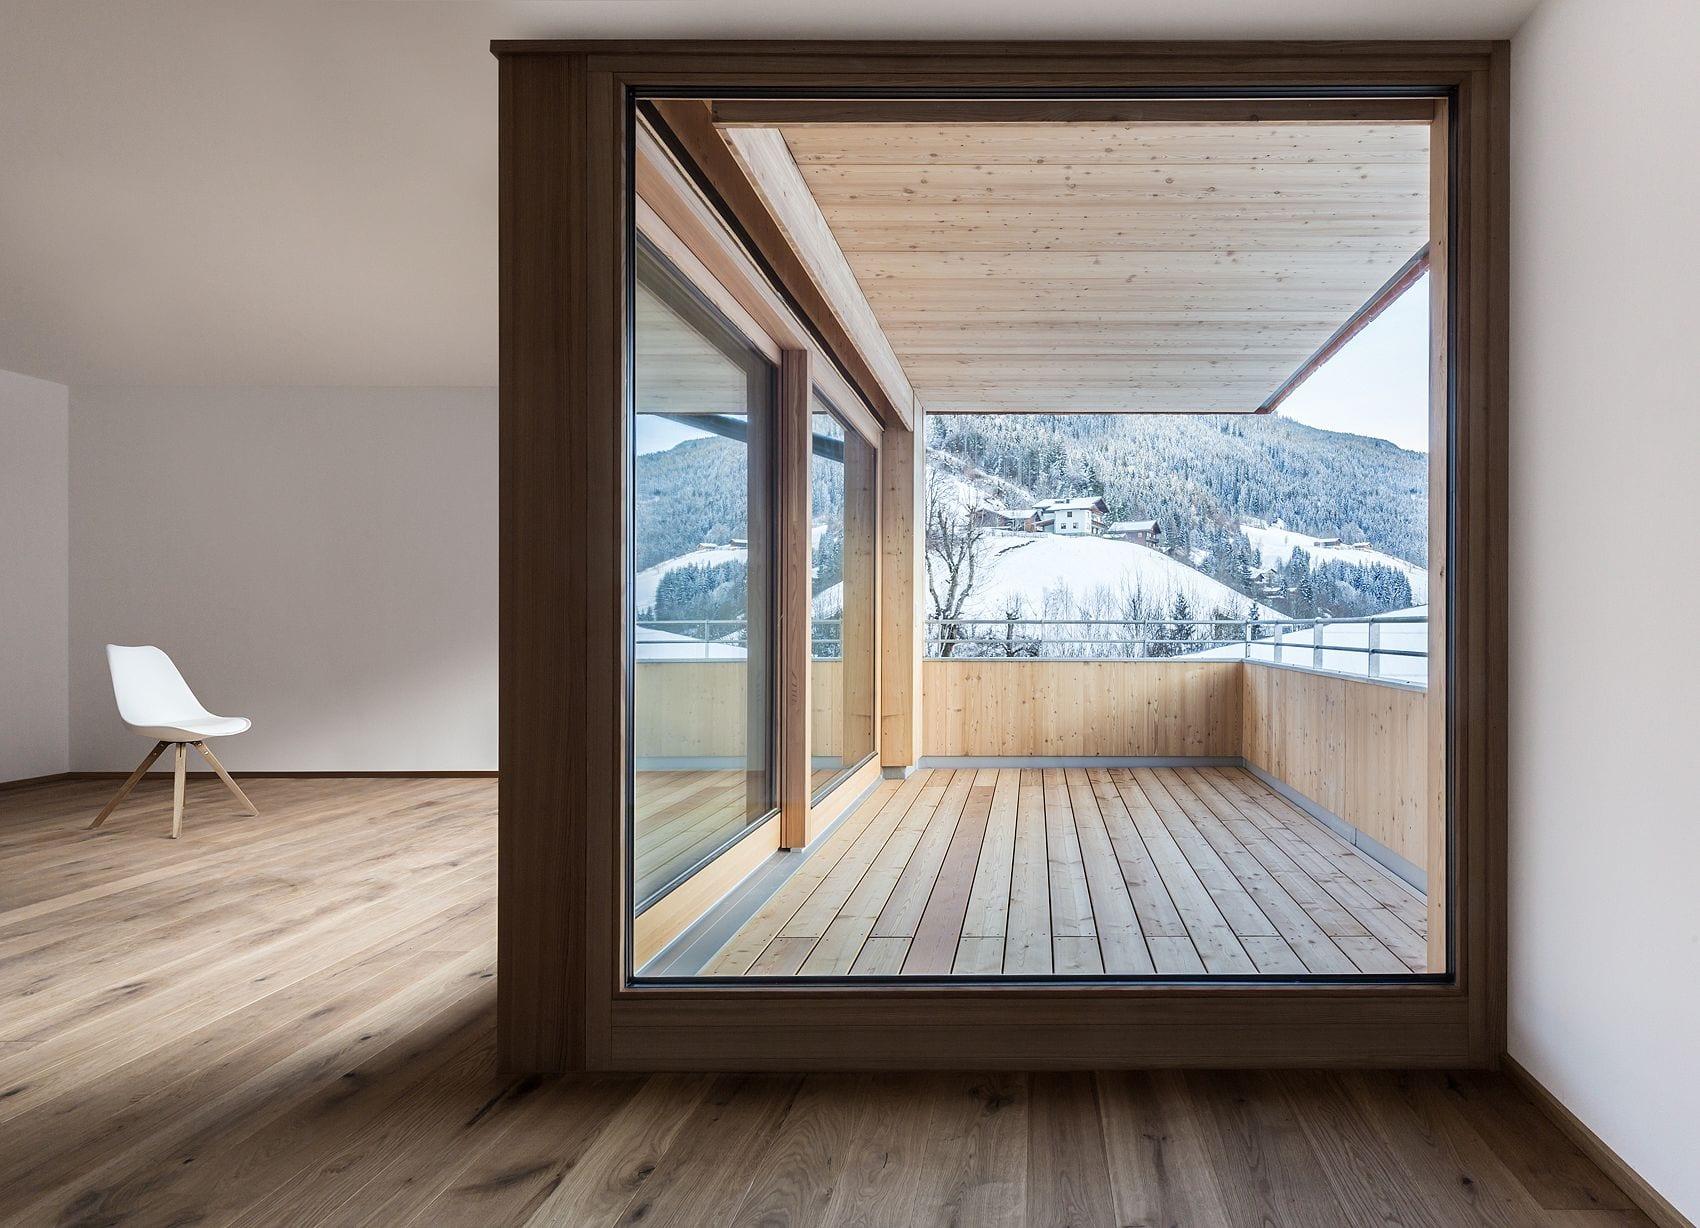 Wohnbau Haid Blick auf Terrasse